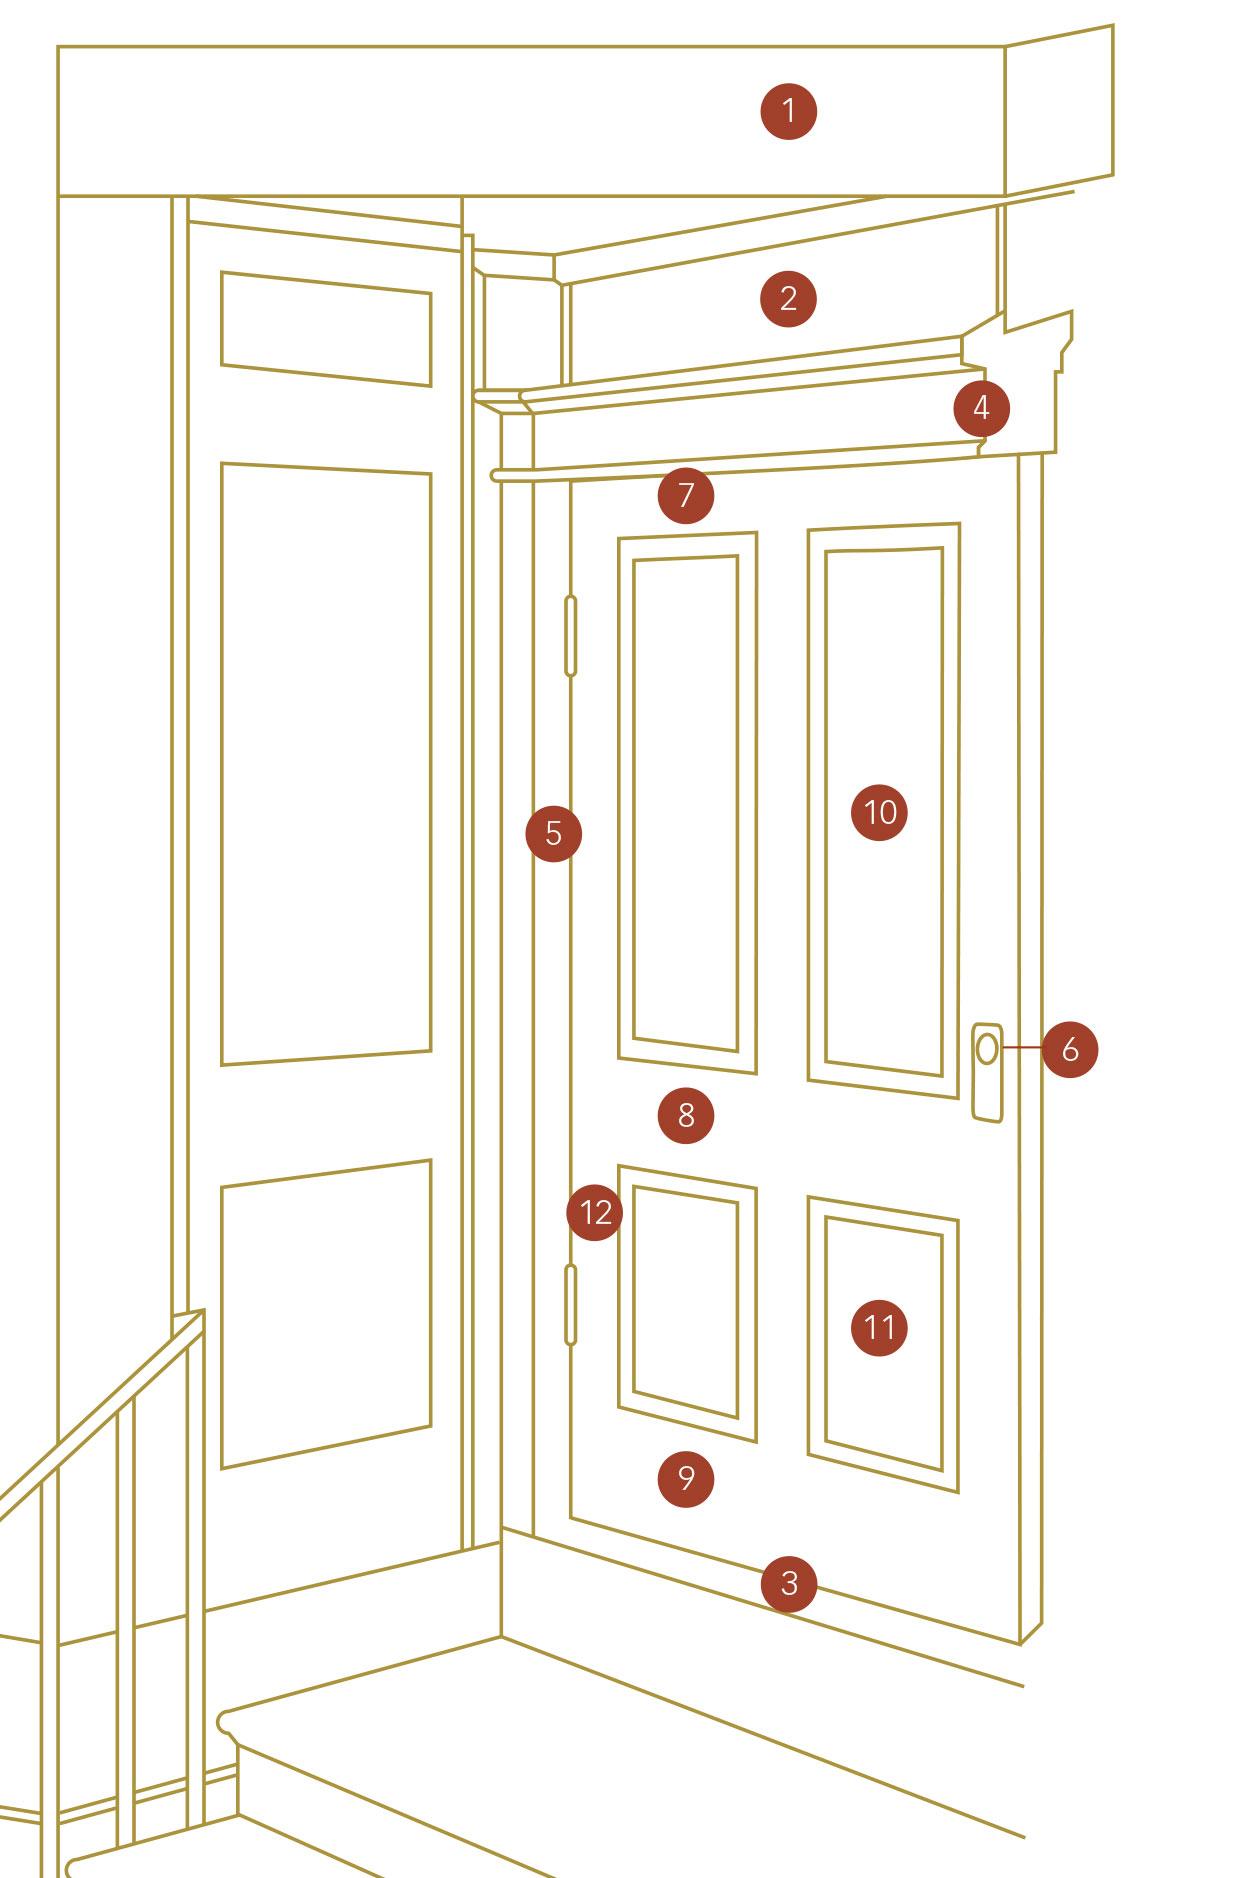 door anatomy the anatomy of a shaker cabinet door. Black Bedroom Furniture Sets. Home Design Ideas